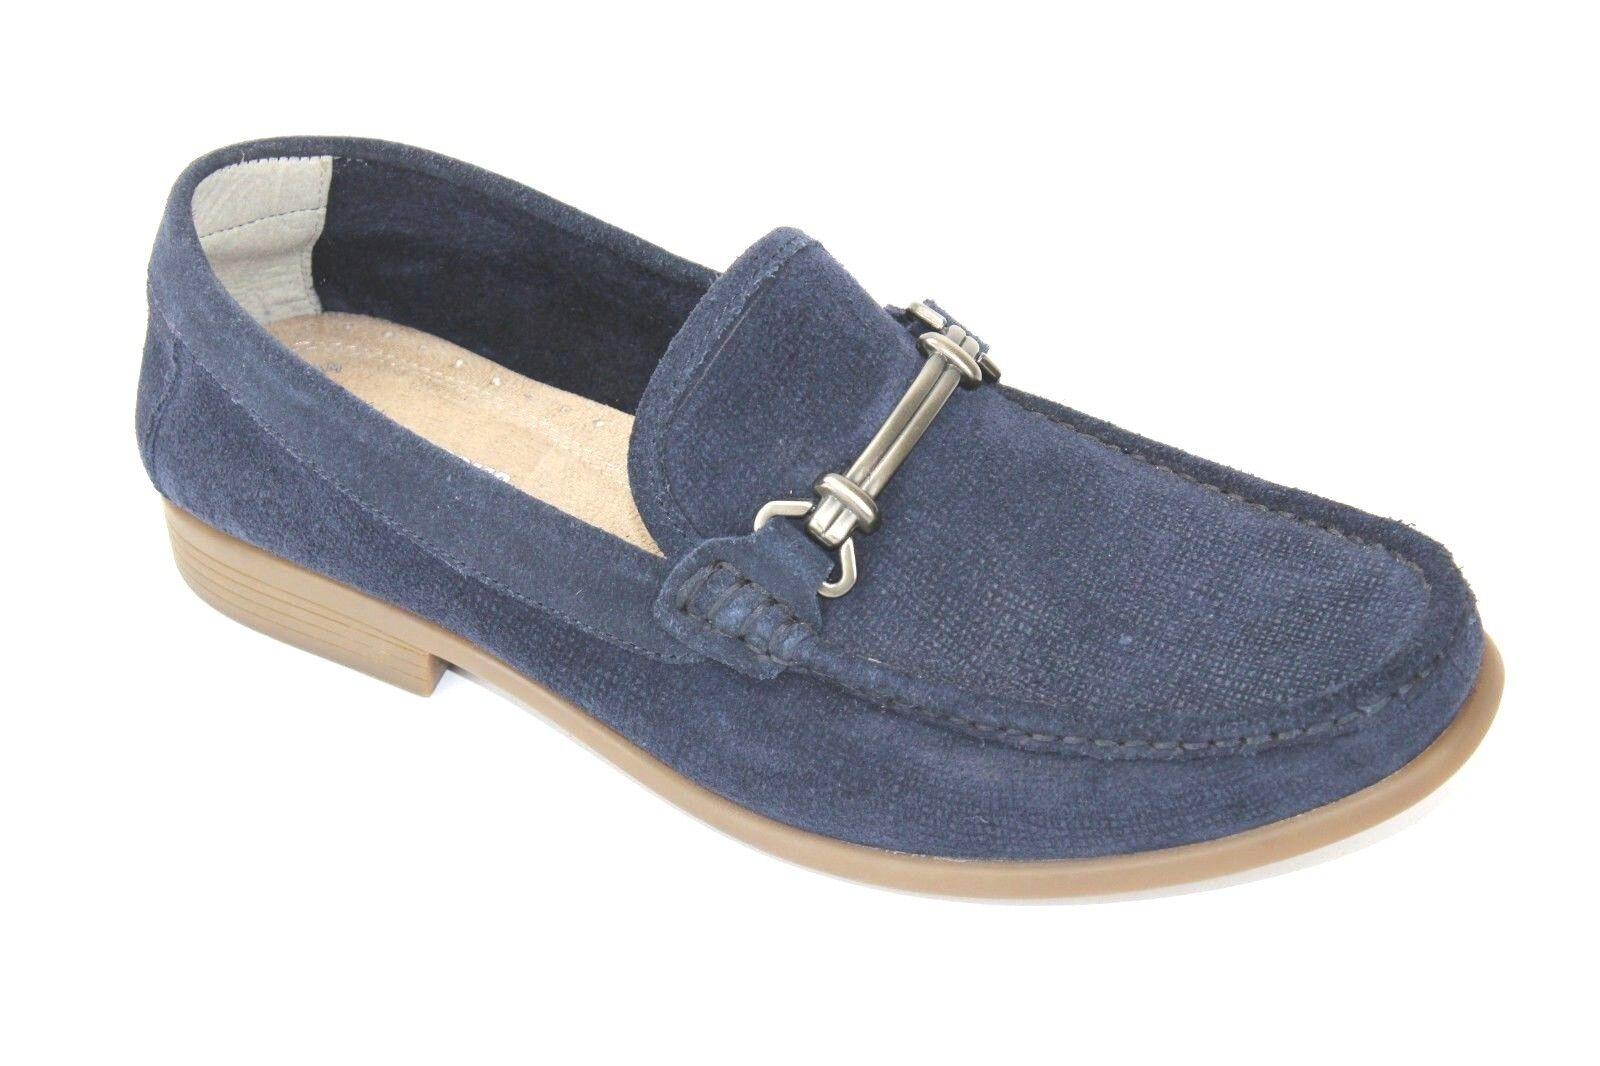 Stacy Adams Kelby Navy Toe blu Moccasin Moc Toe Navy Slip On Loafer